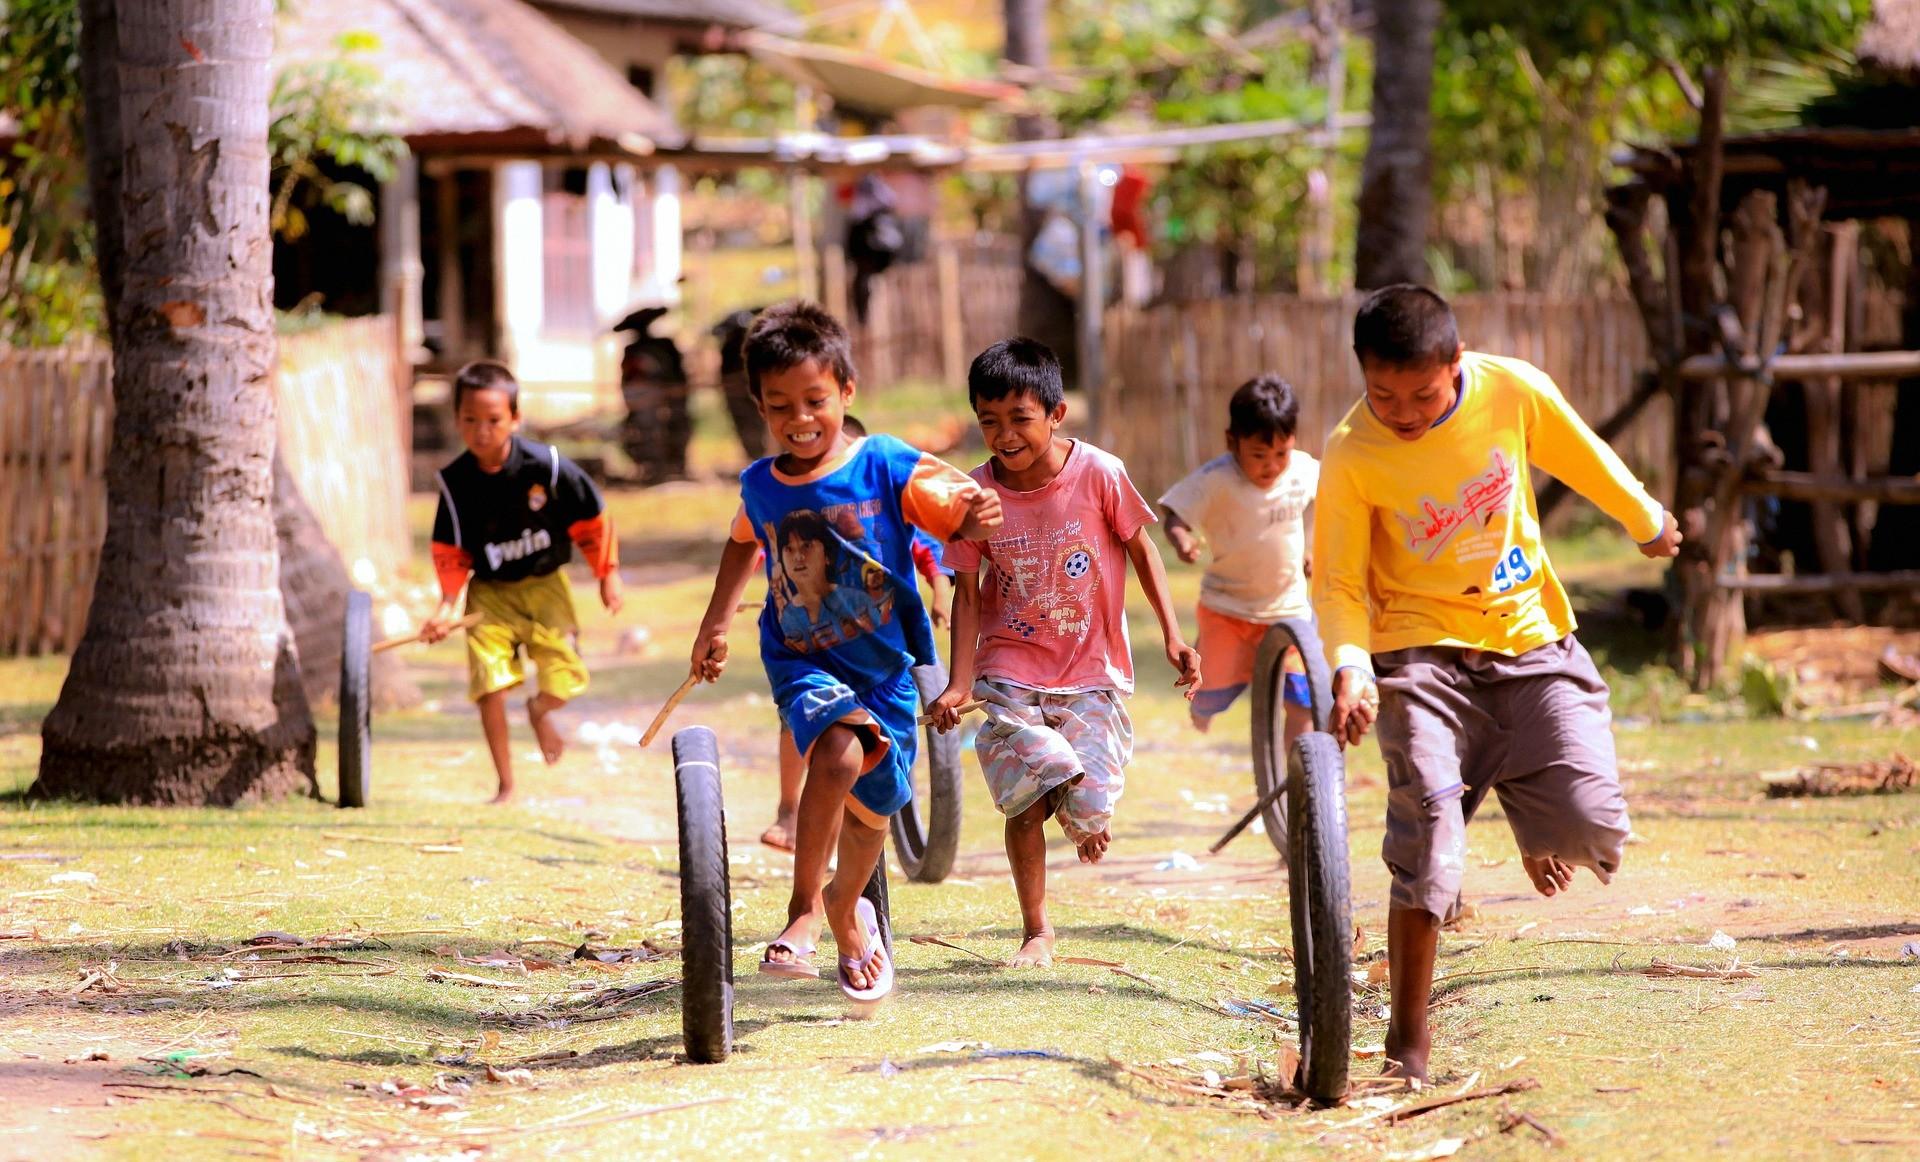 ▲ 小孩玩遊戲。(圖/取自免費圖庫pixabay)